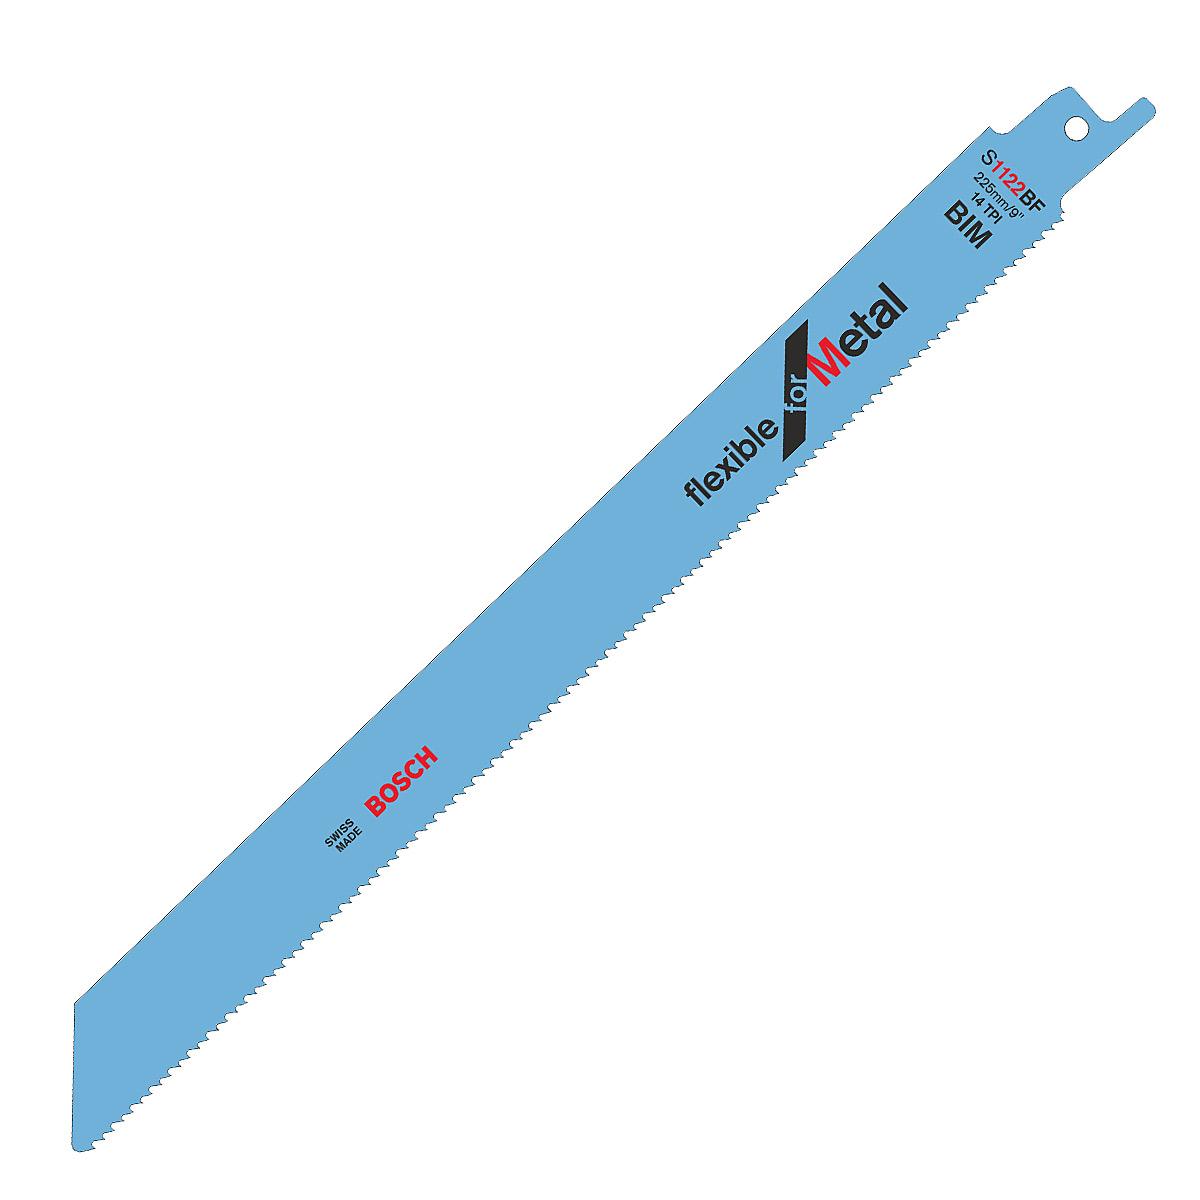 Pilový plátek pro pily ocasky S 1122 BF Flexible for Metal